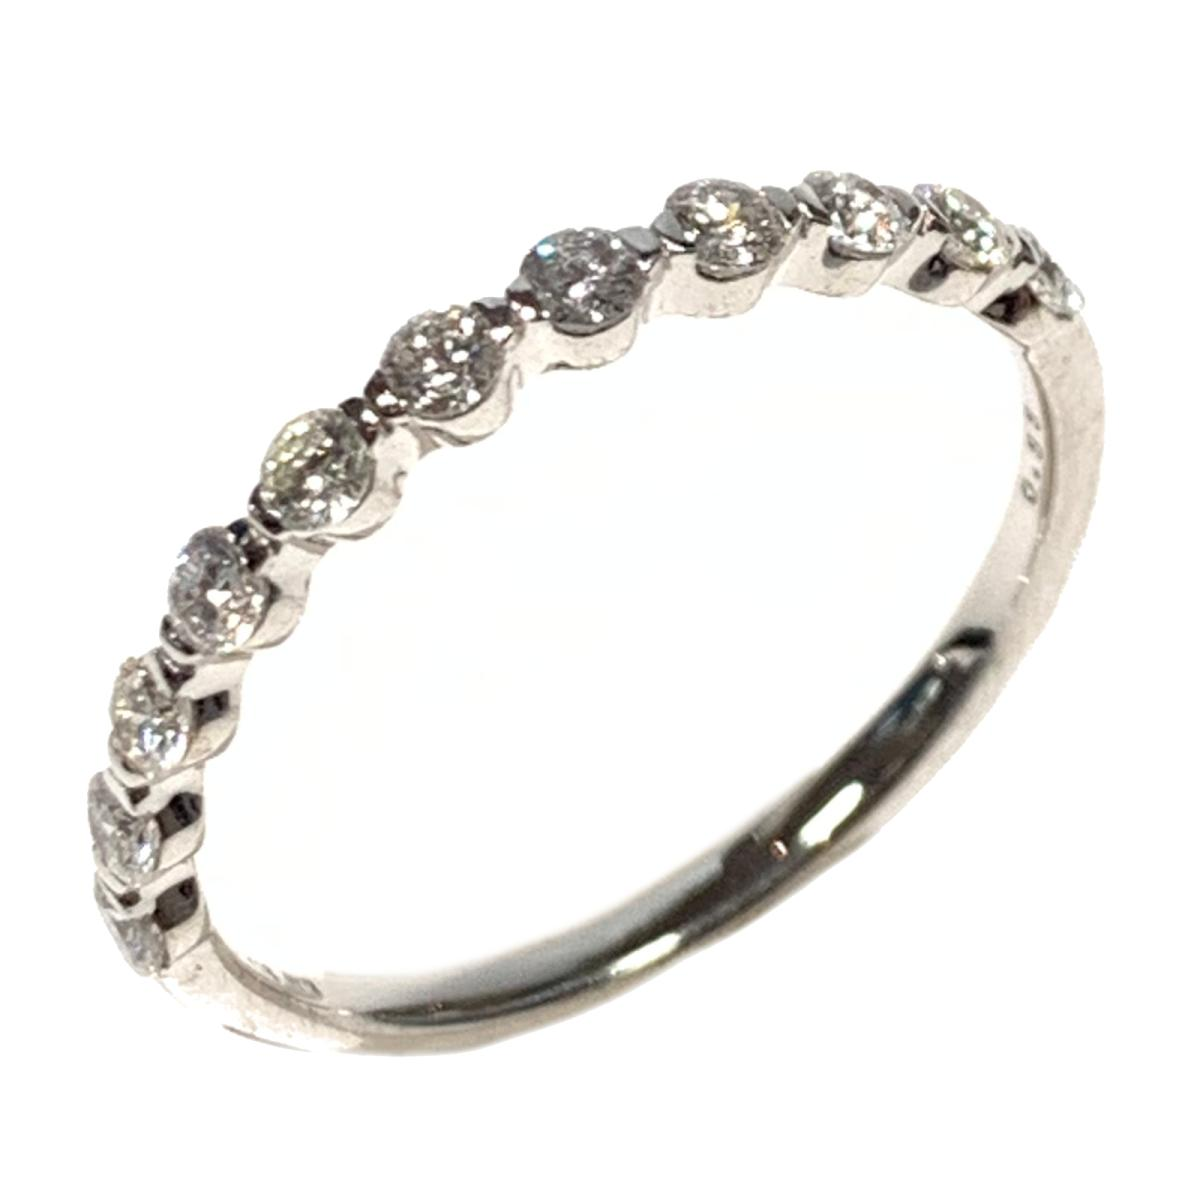 【中古】 ジュエリー ダイヤモンド 指輪 リング レディース K18WG (750) ホワイトゴールド シルバー | JEWELRY BRANDOFF ブランドオフ ブランド アクセサリー